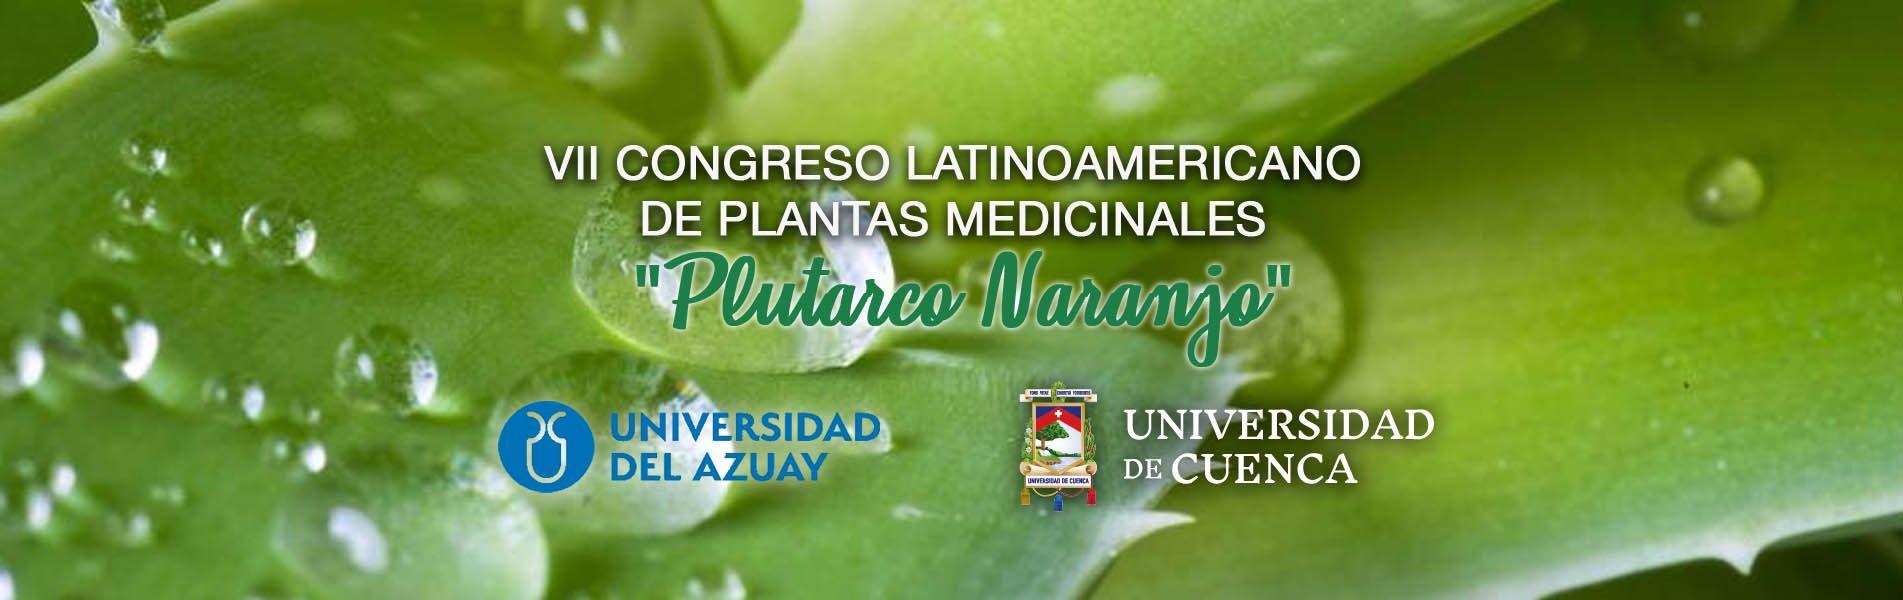 VII CongresoLatinoamericano de Plantas Medicinales